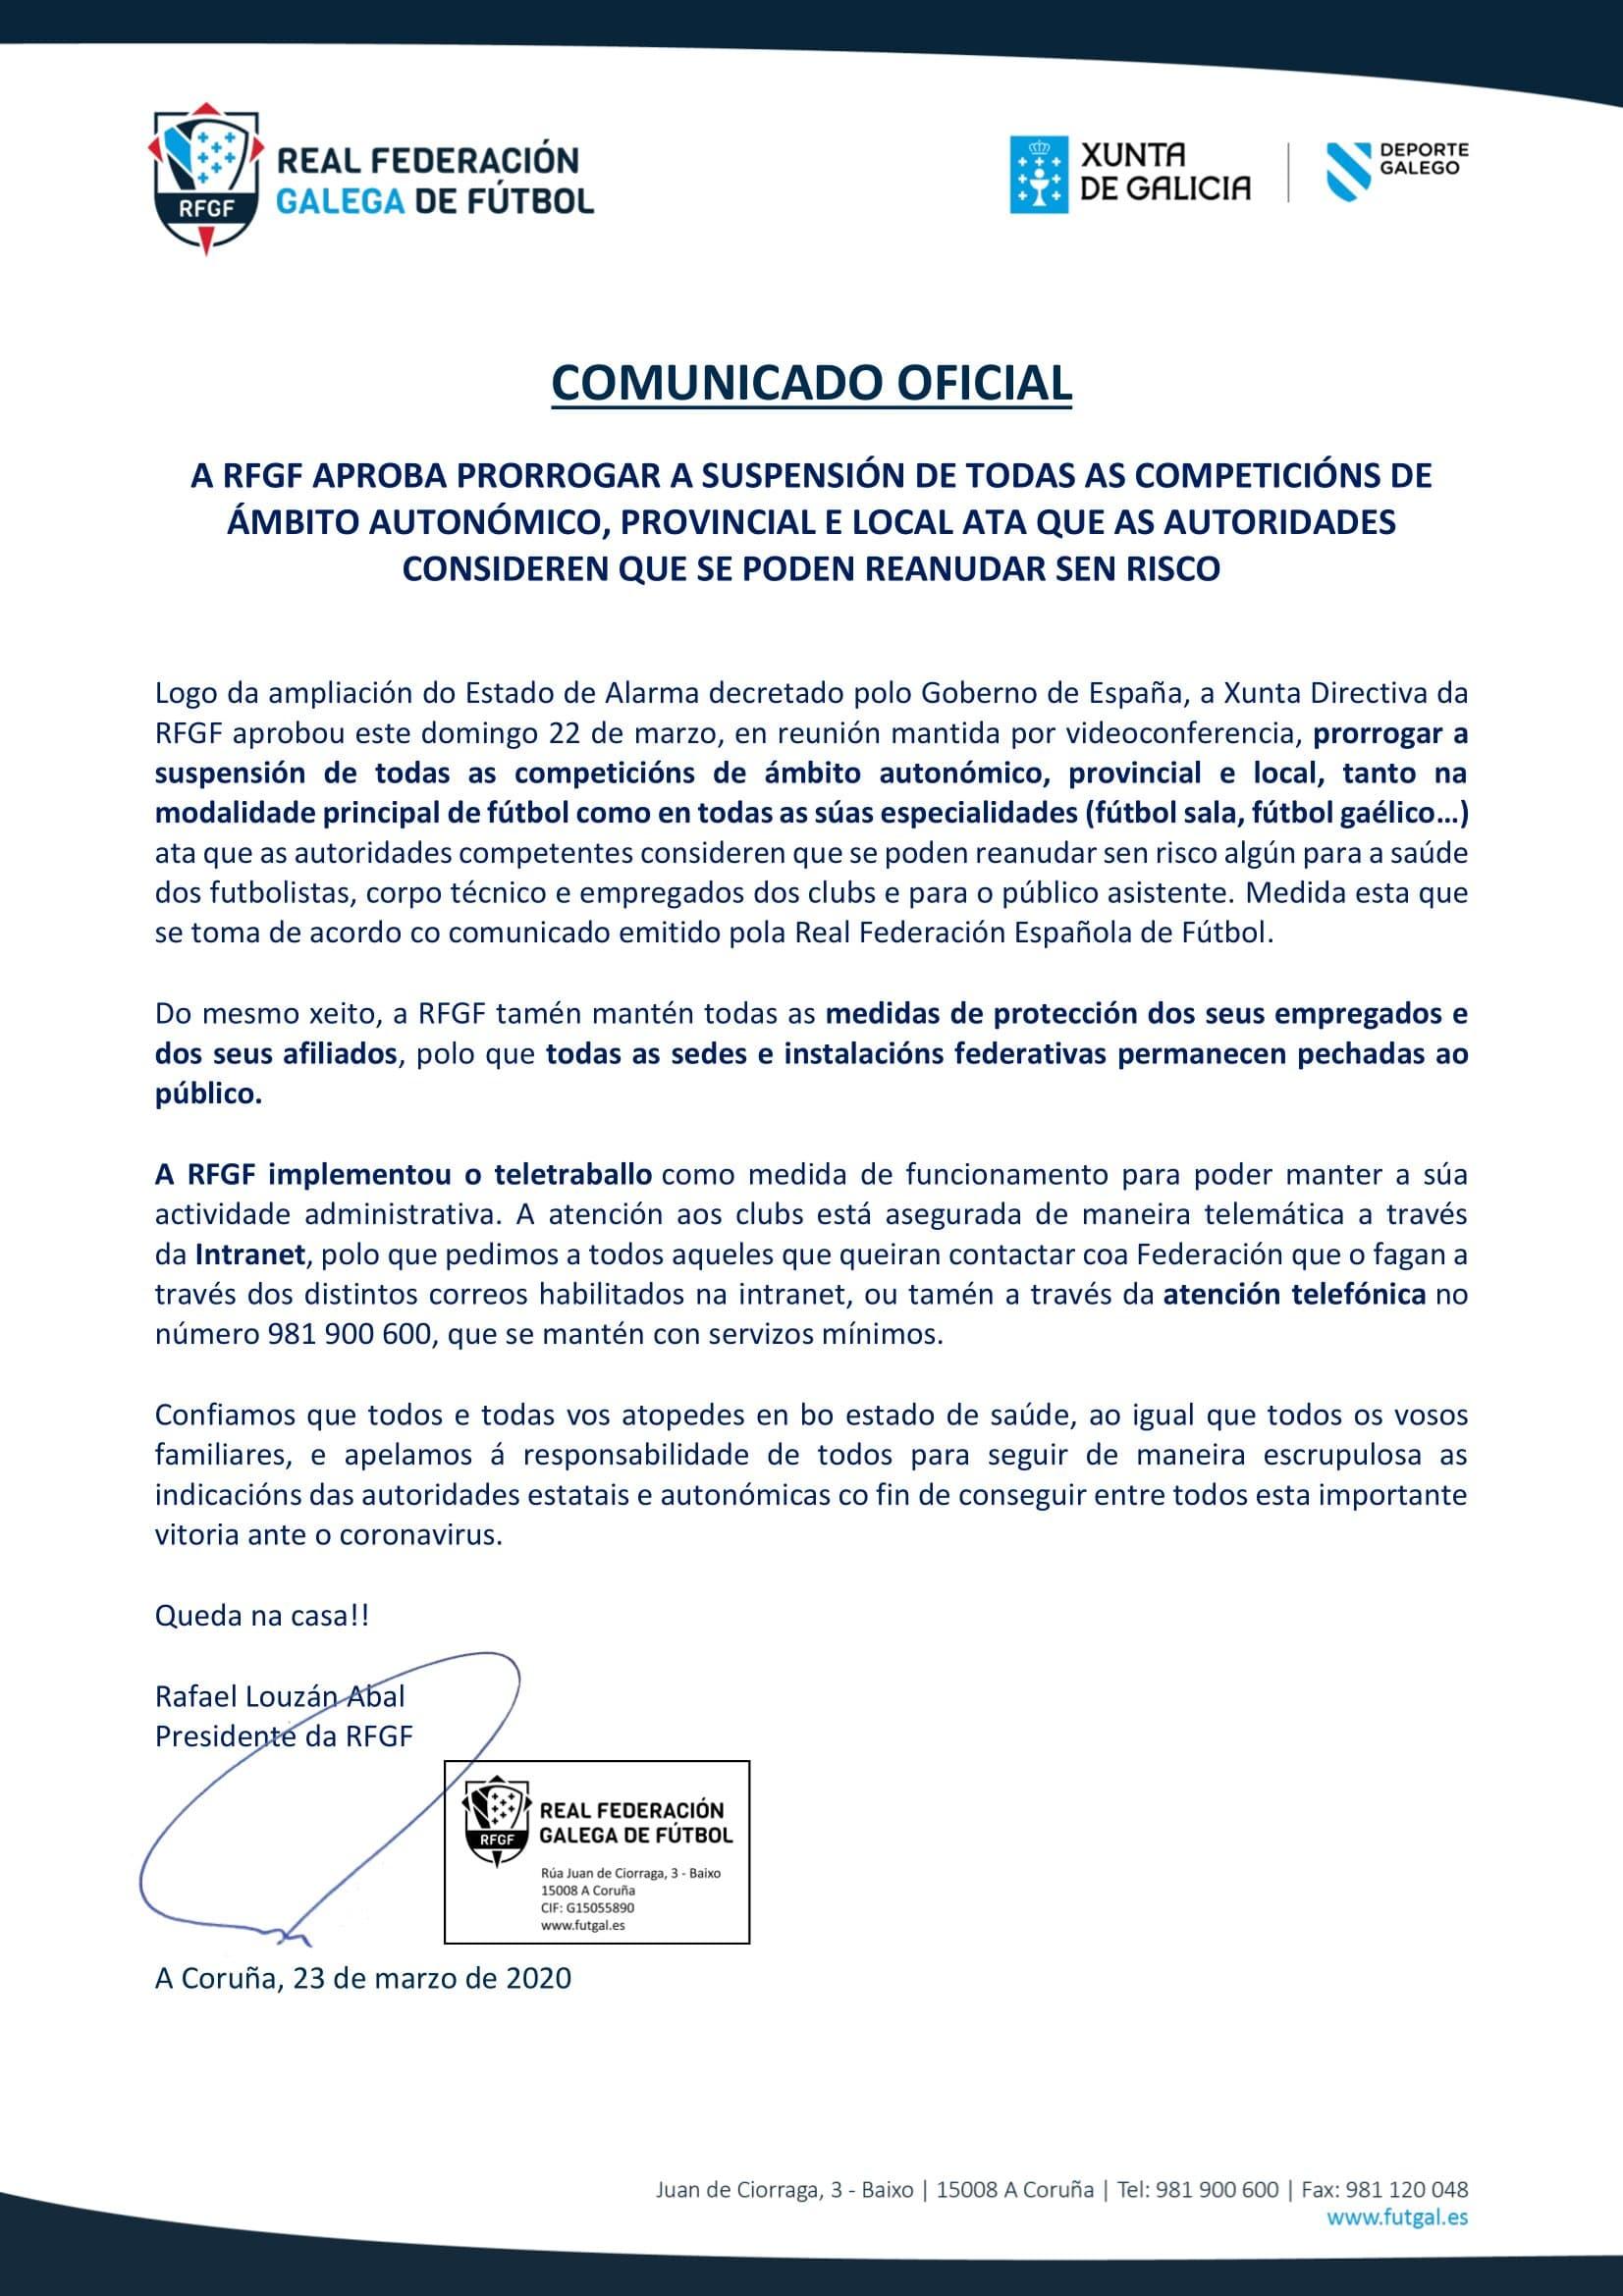 COMUNICADO OFICIAL DA RFGF